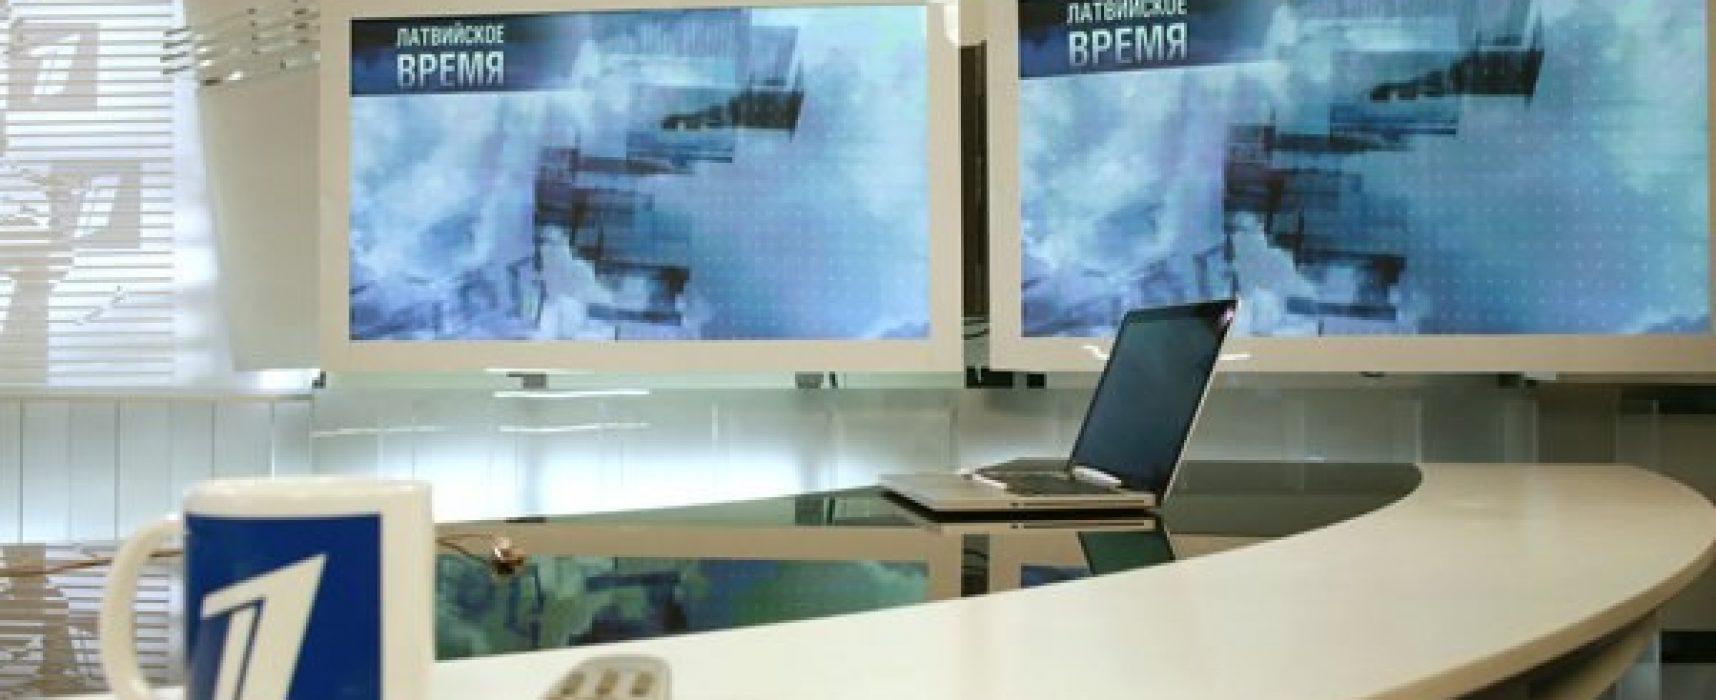 Фейк НТВ: латвийские власти вынудили русскоязычный телеканал закрыть информационные программы